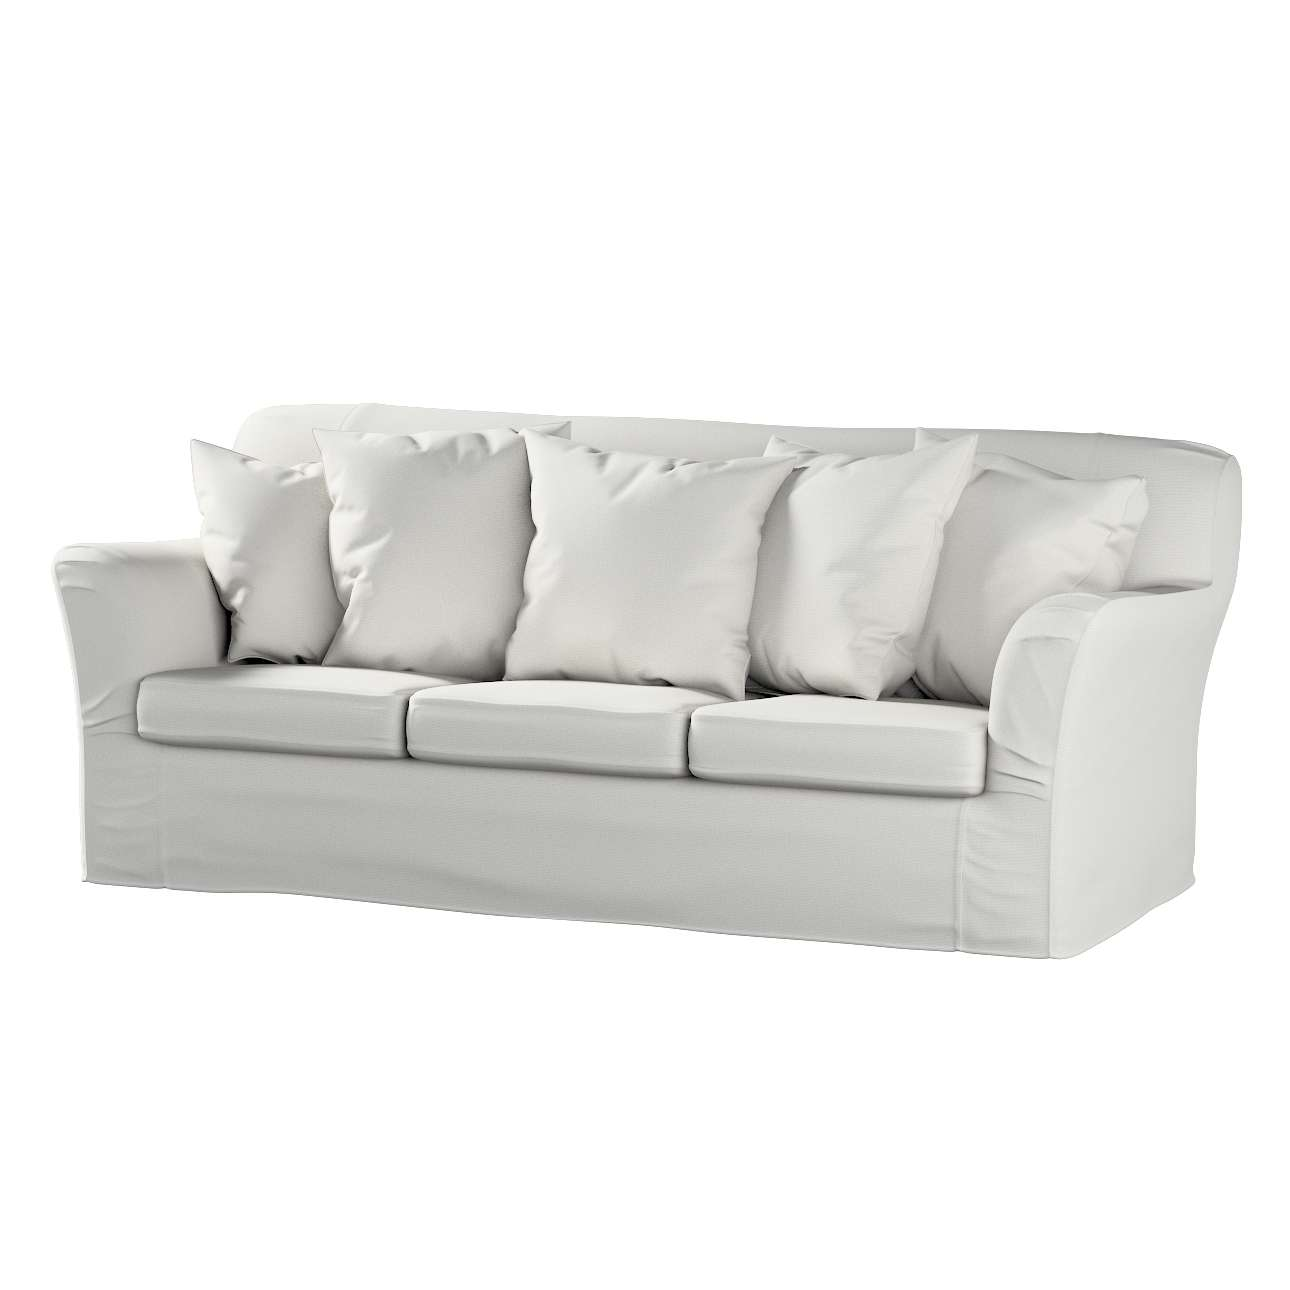 Pokrowiec na sofę Tomelilla 3-osobową nierozkładaną Sofa Tomelilla 3-osobowa w kolekcji Etna , tkanina: 705-90